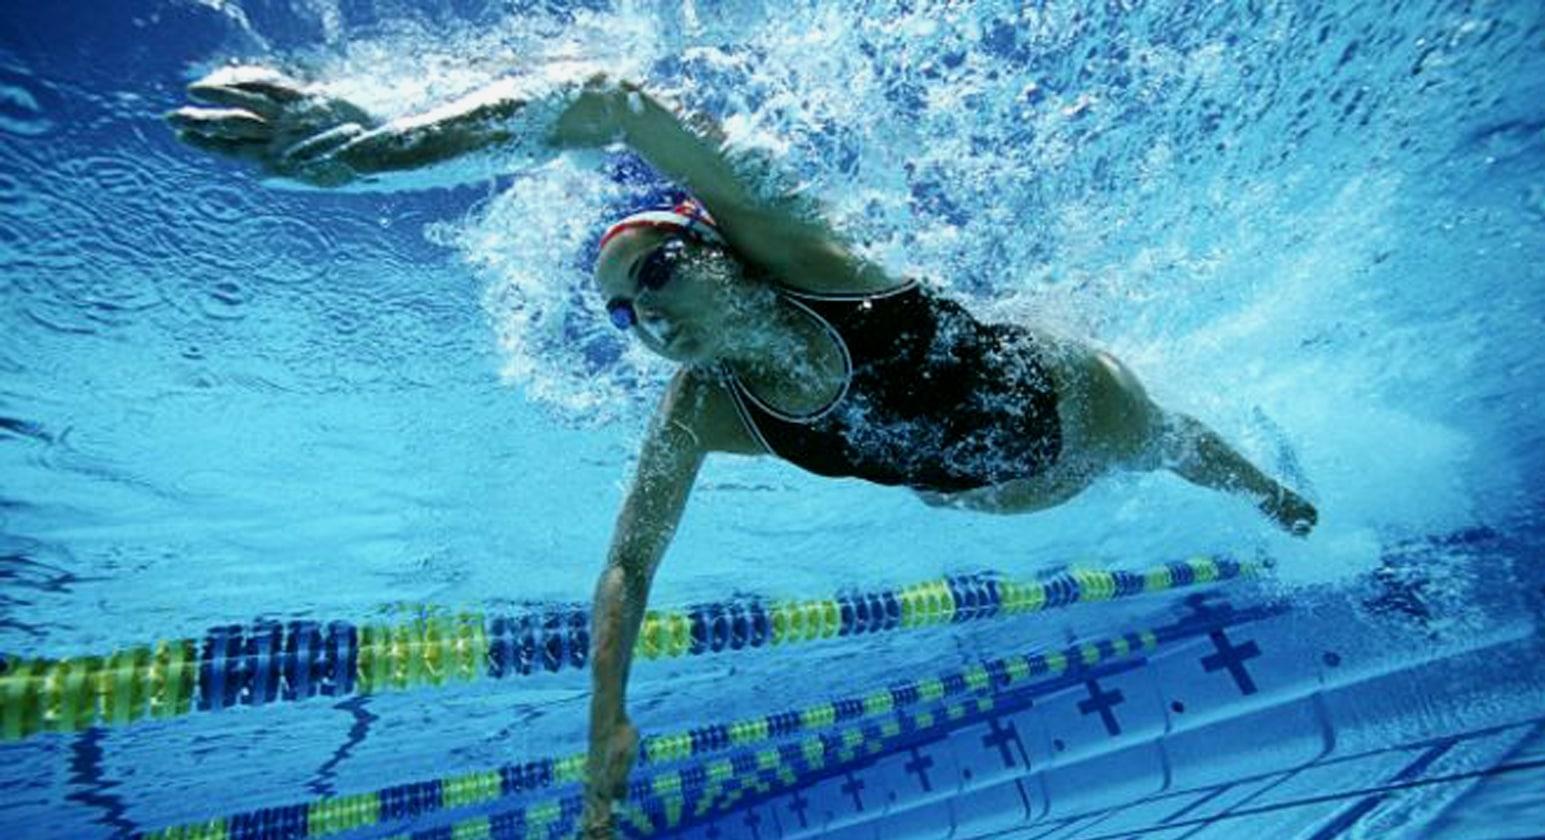 Técnicas-de-natación-respiración-4